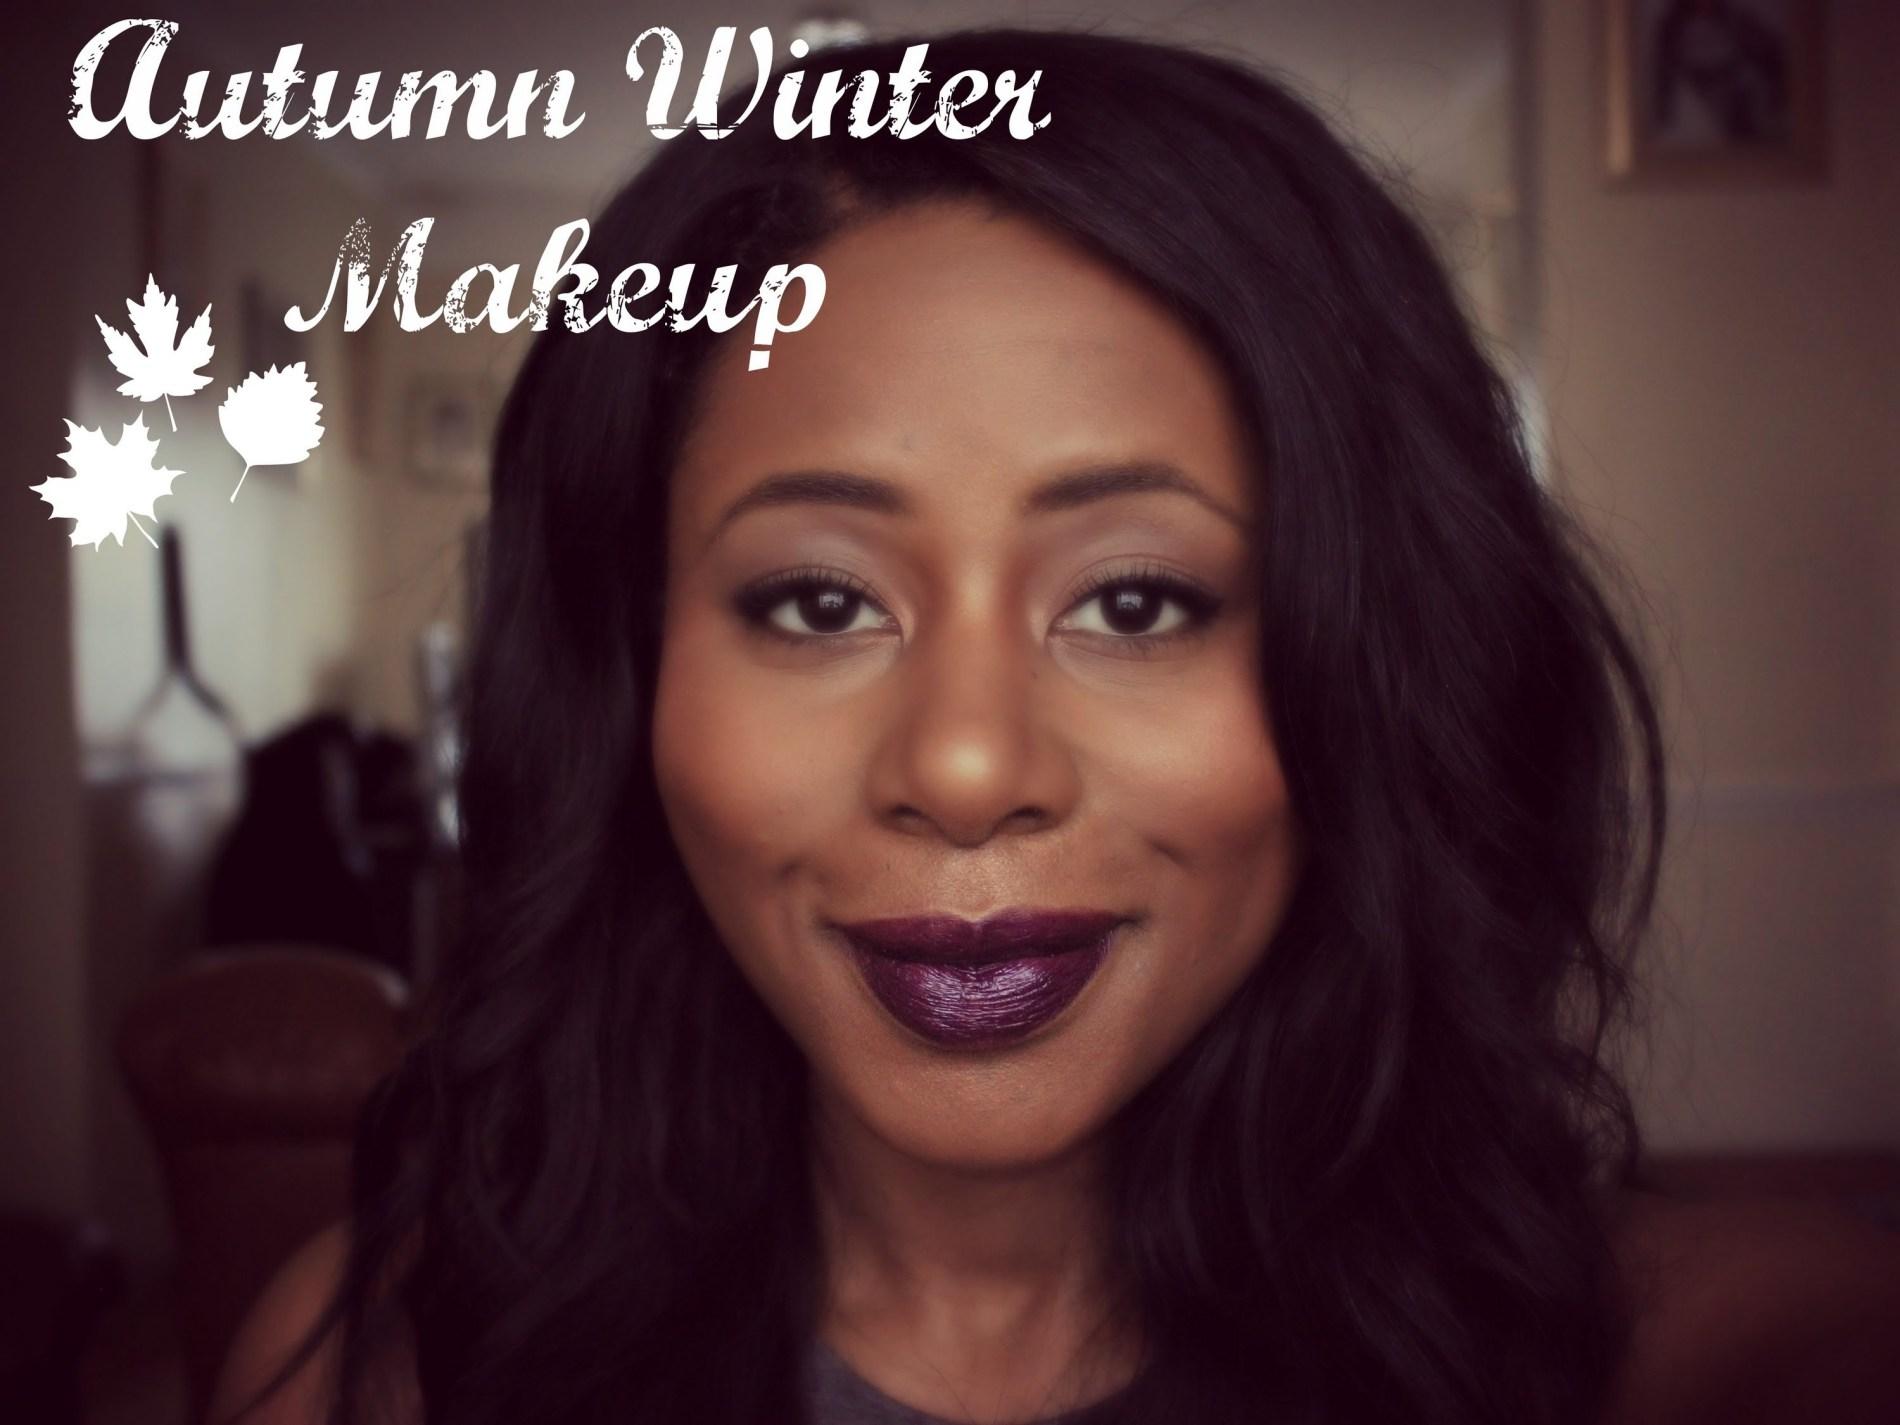 winter makeup for dark skin